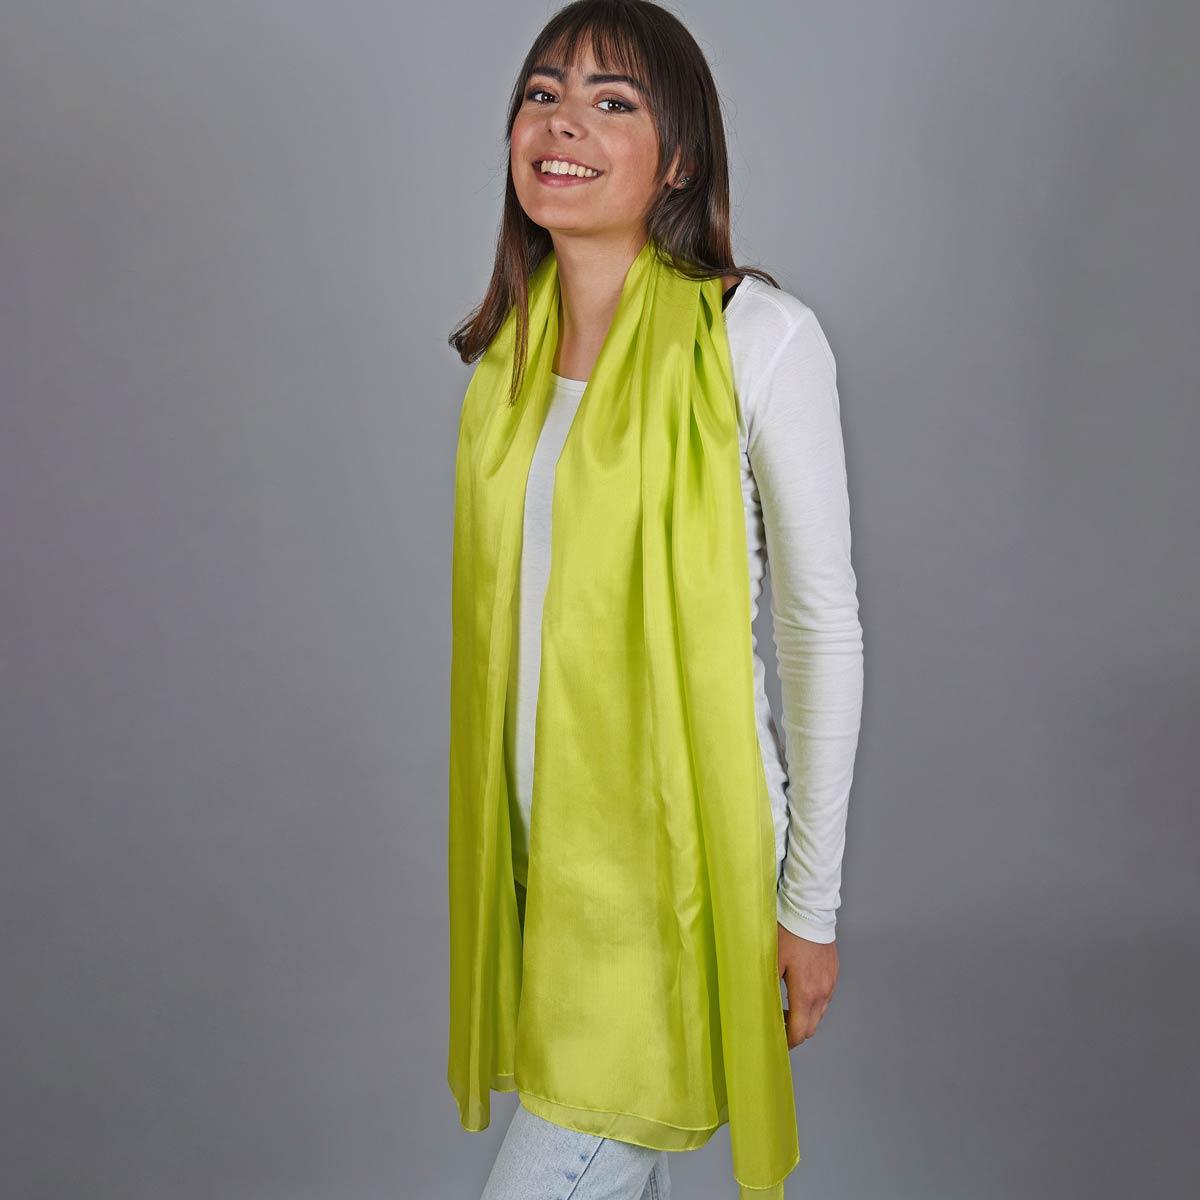 _Etole-en-soie-jaune-anie